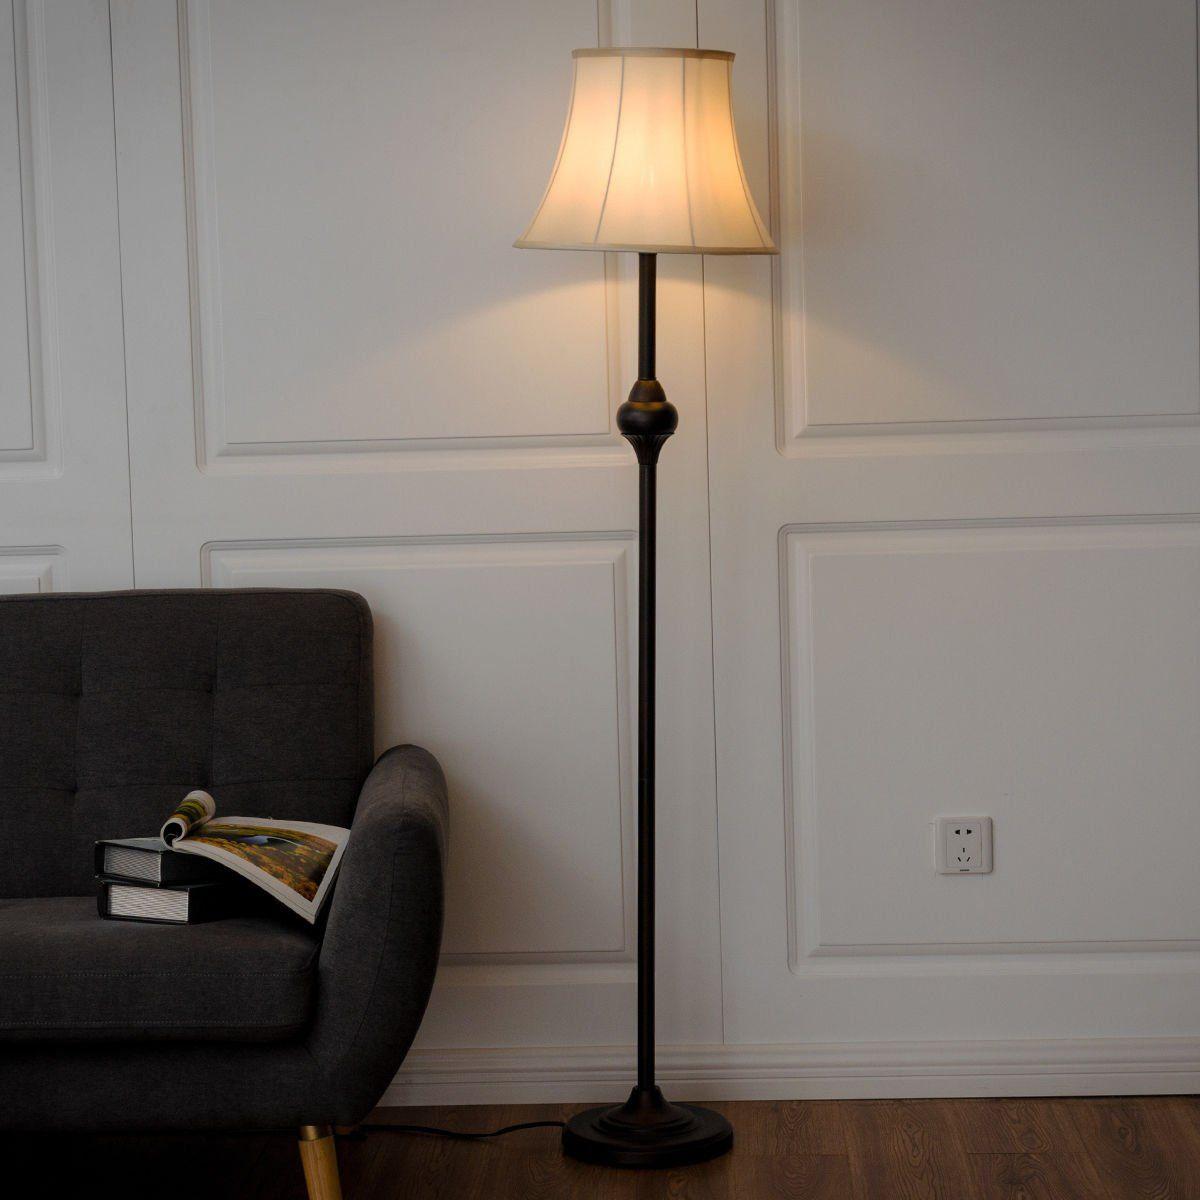 Safstar Bronze Modern Floor Lamp Light Lighting W One Led Bulb For Living Room Bedroom Bedroom Lamp Sets Living Room Floor Lamp Lighting Modern Bedroom Decor